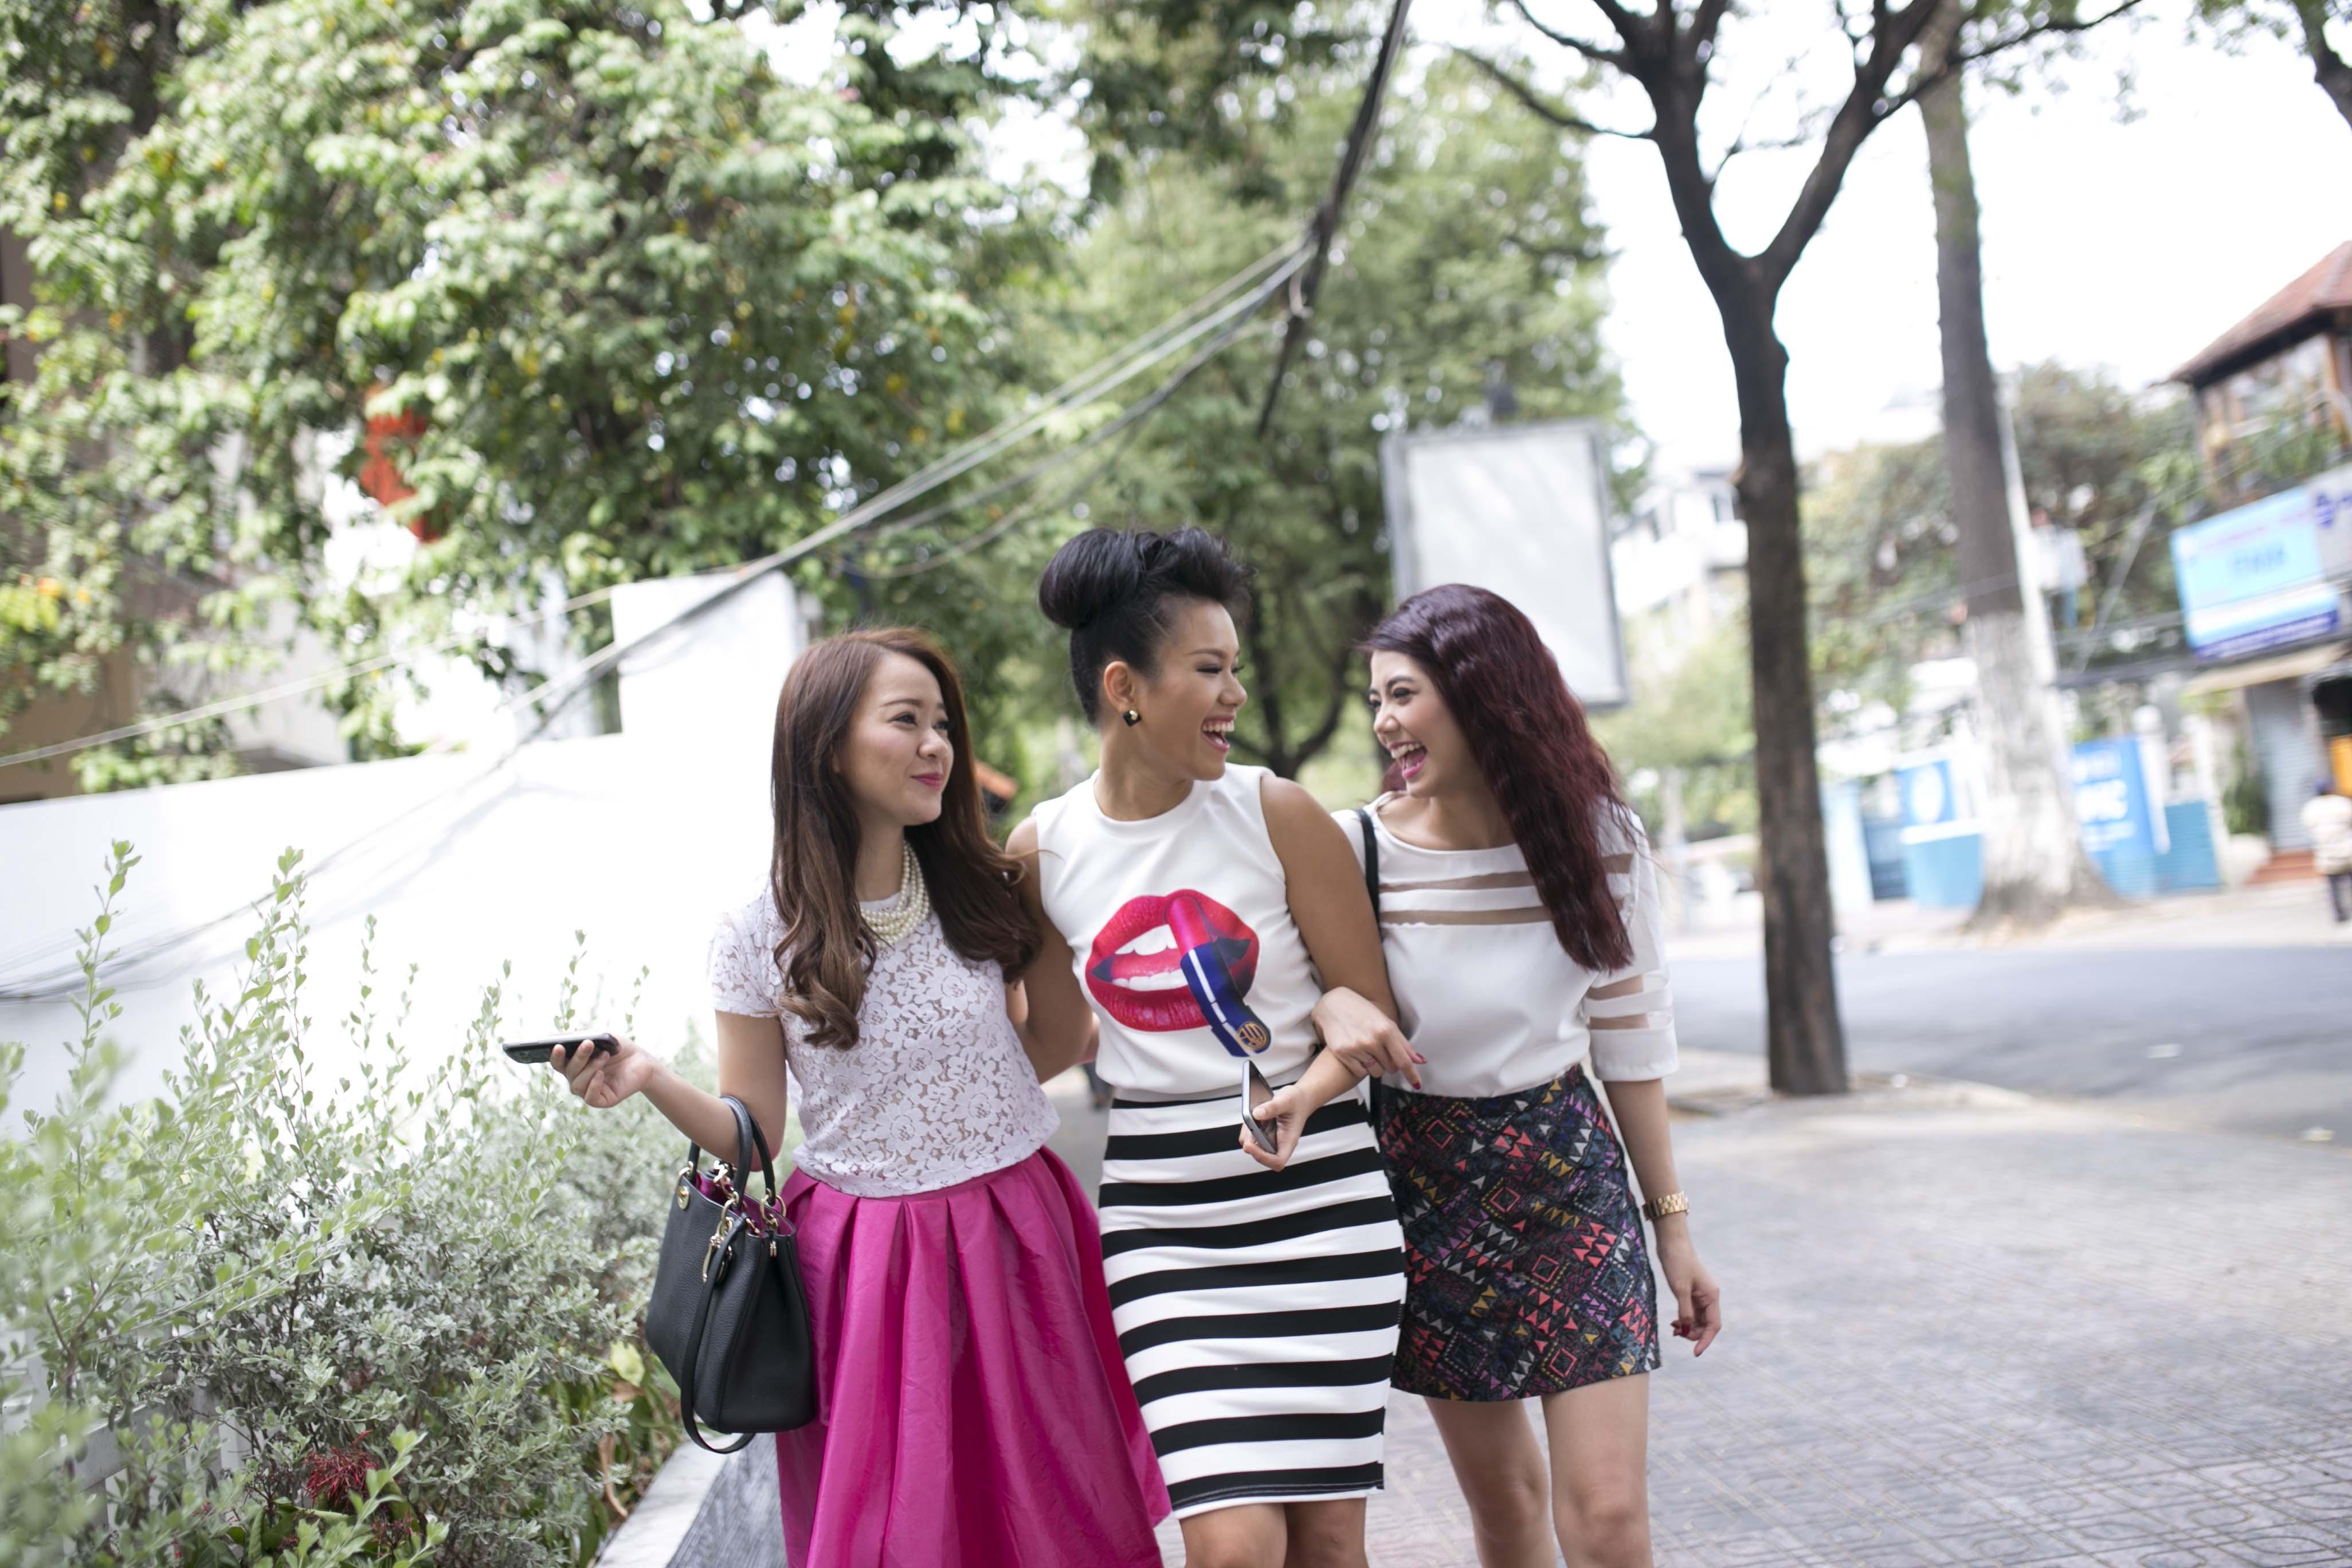 Phương Vy hẹn hò xuống phố với các hot girl - Ảnh 2